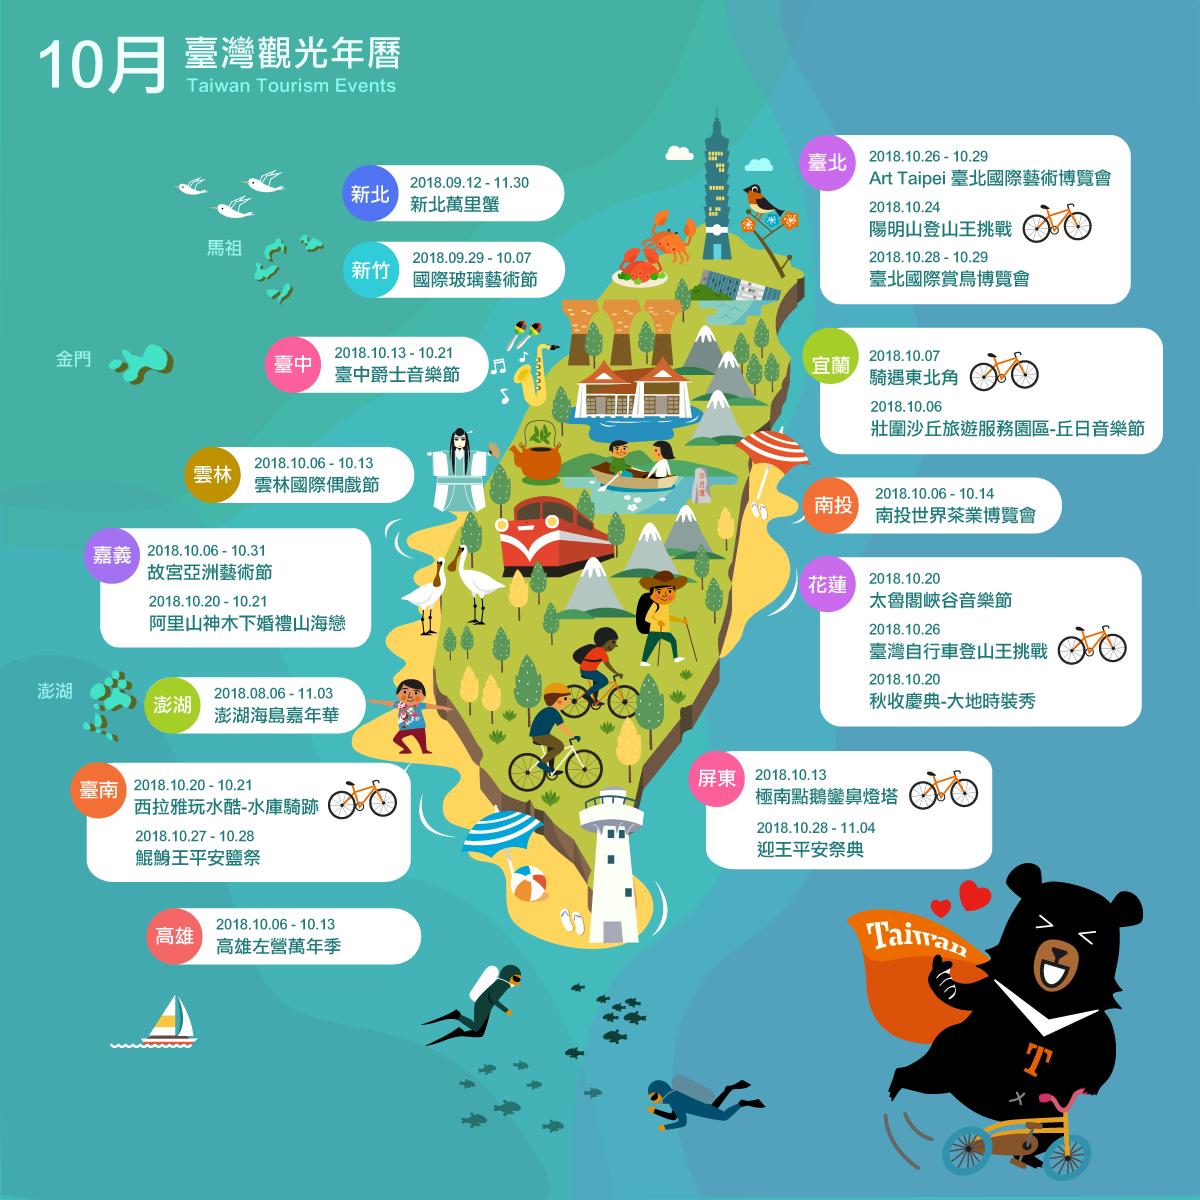 10月精彩活動盡在臺灣觀光新年曆